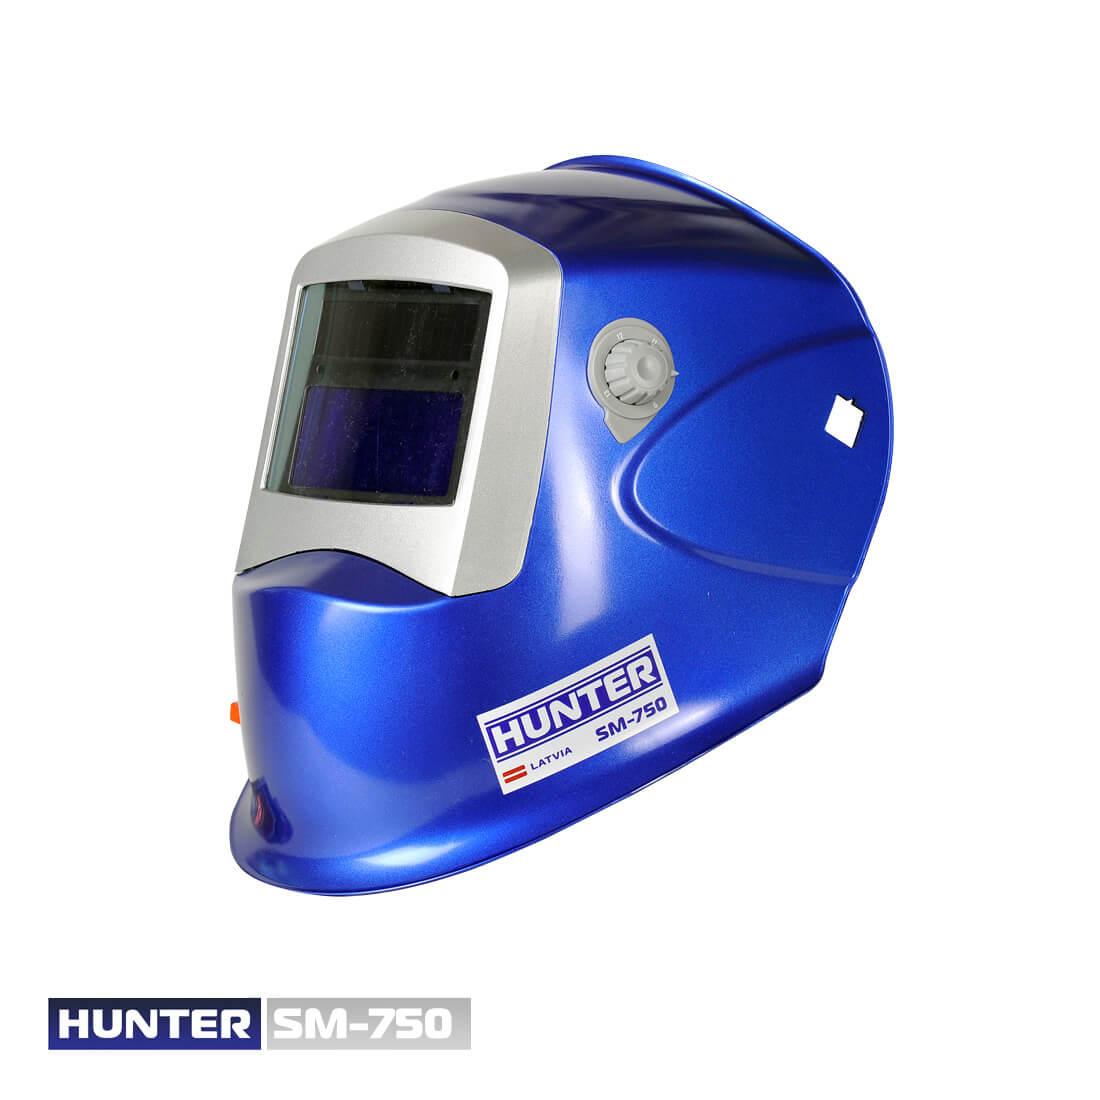 Фото SM-750 цена 950грн №1 — Hunter